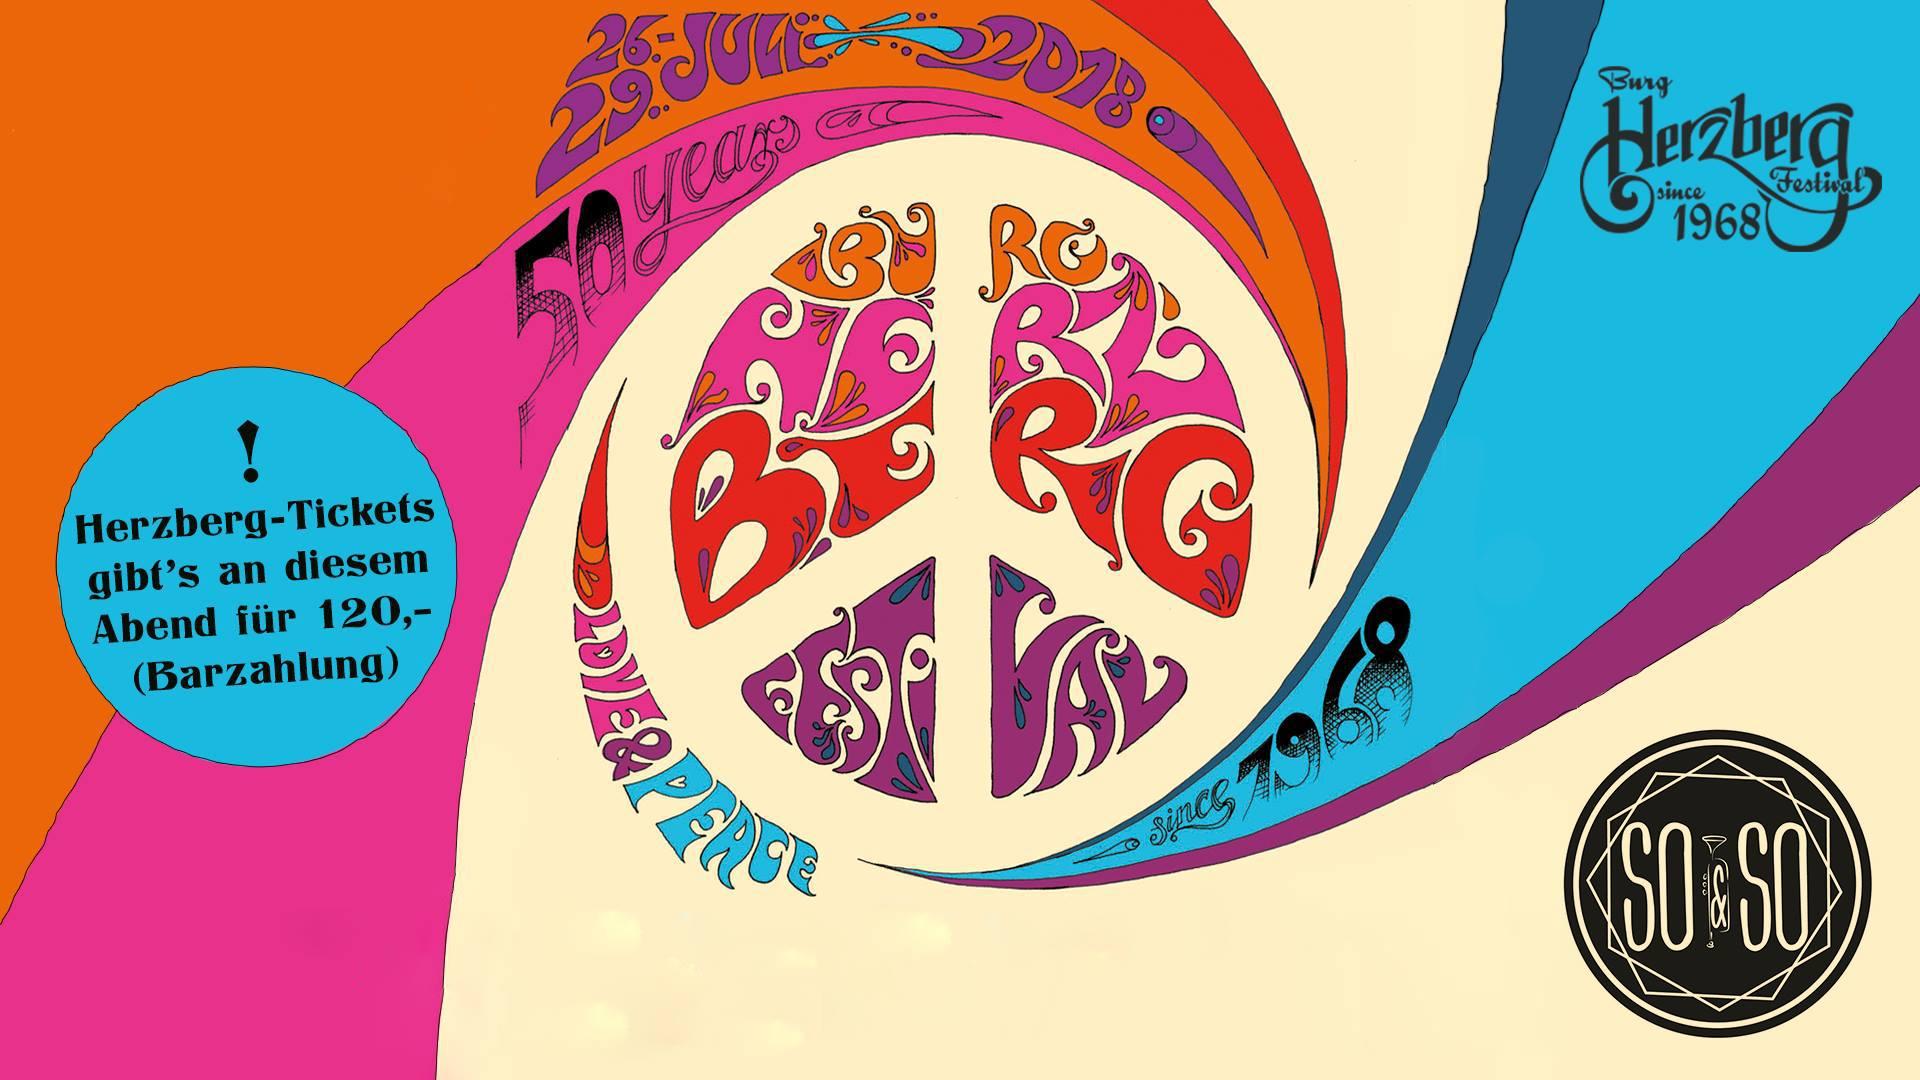 Warm-Up Hippie Convention - 50 Jahre Burg Herzberg Festival